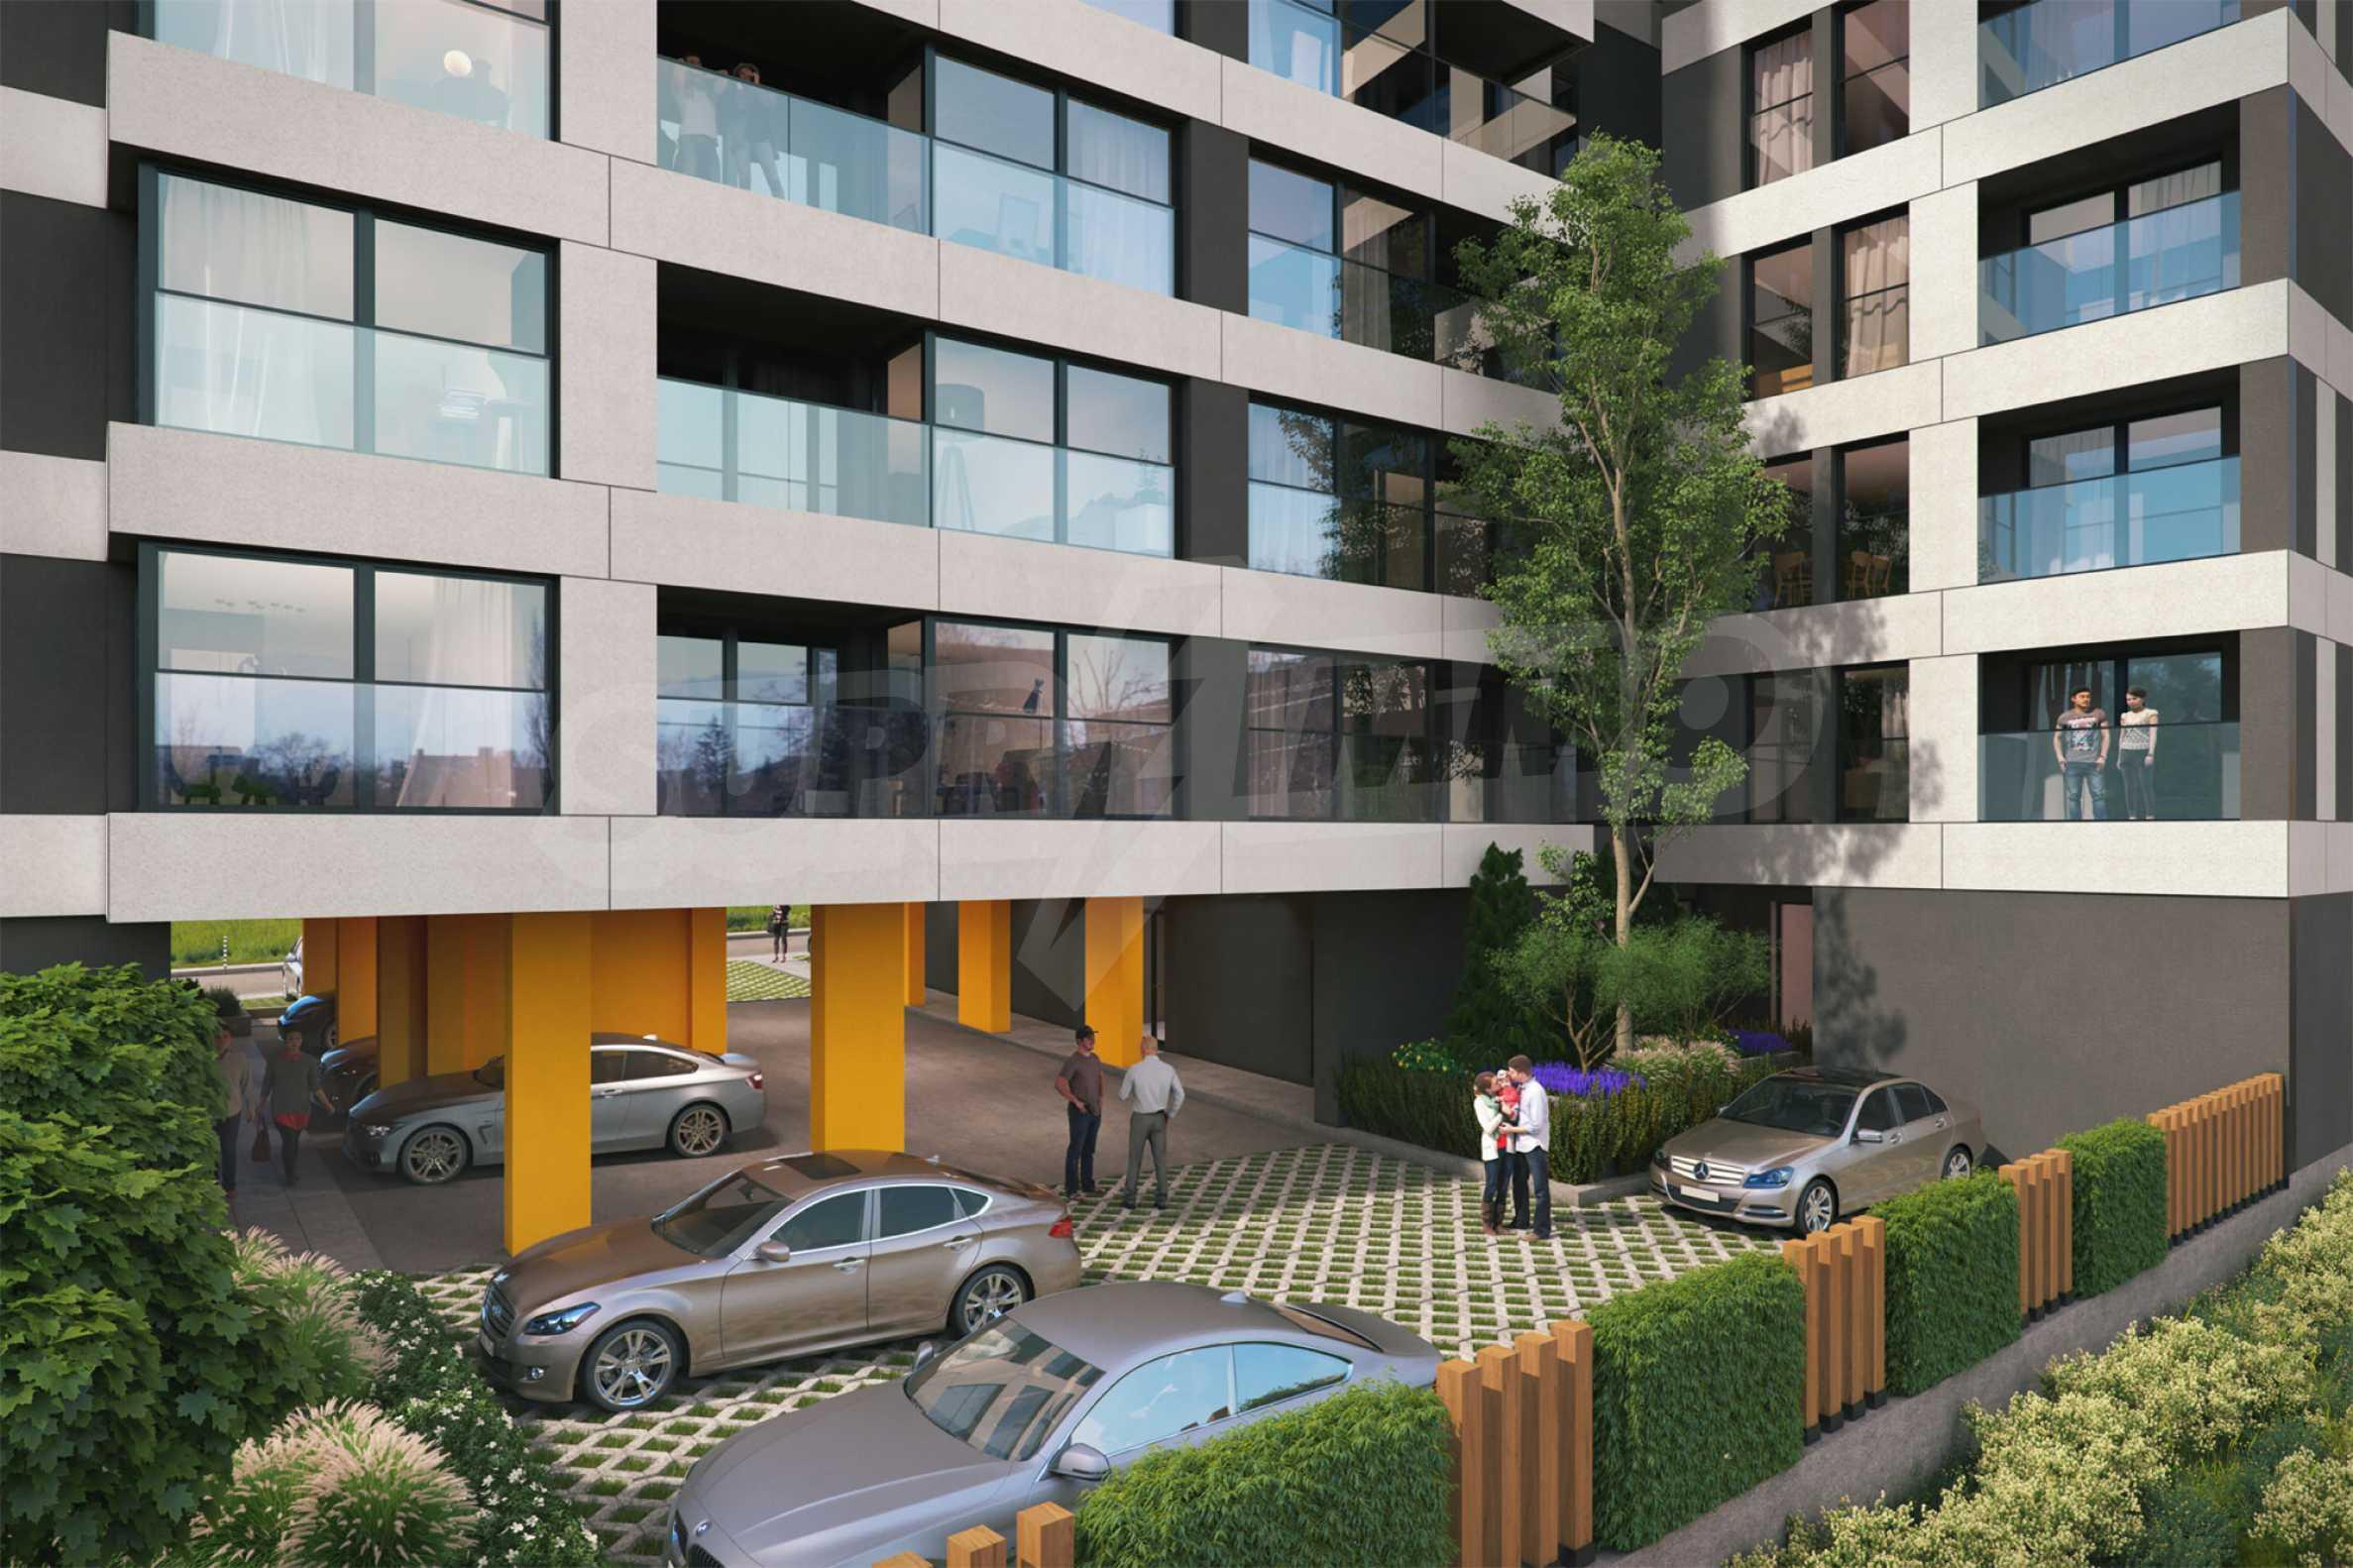 Neues Wohngebäude mit Büros und Geschäften in der Nähe von NBU zu PROMO-Preisen 2